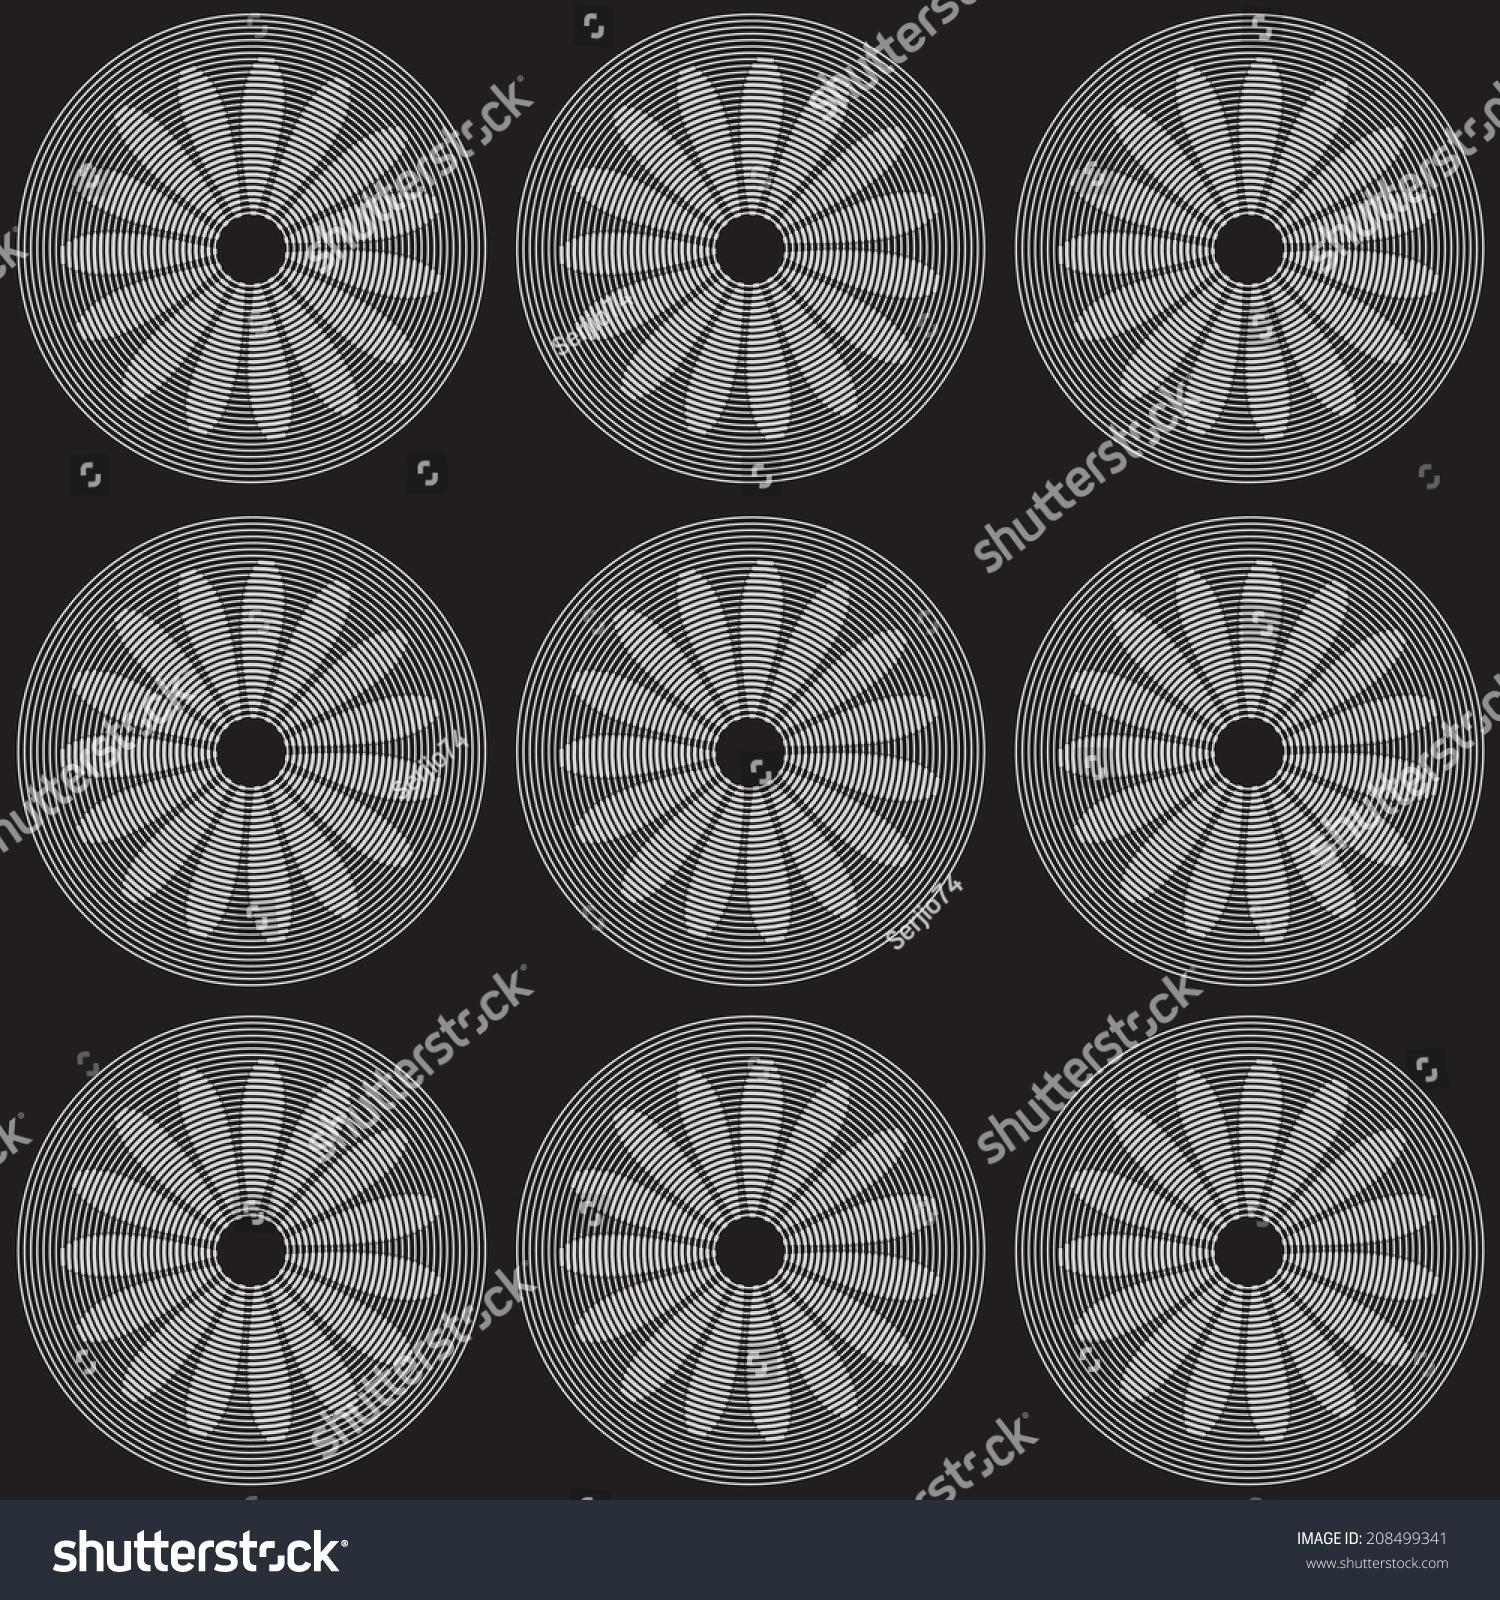 灰色黑色背景上的轮子.-背景/素材,抽象-海洛创意()-.